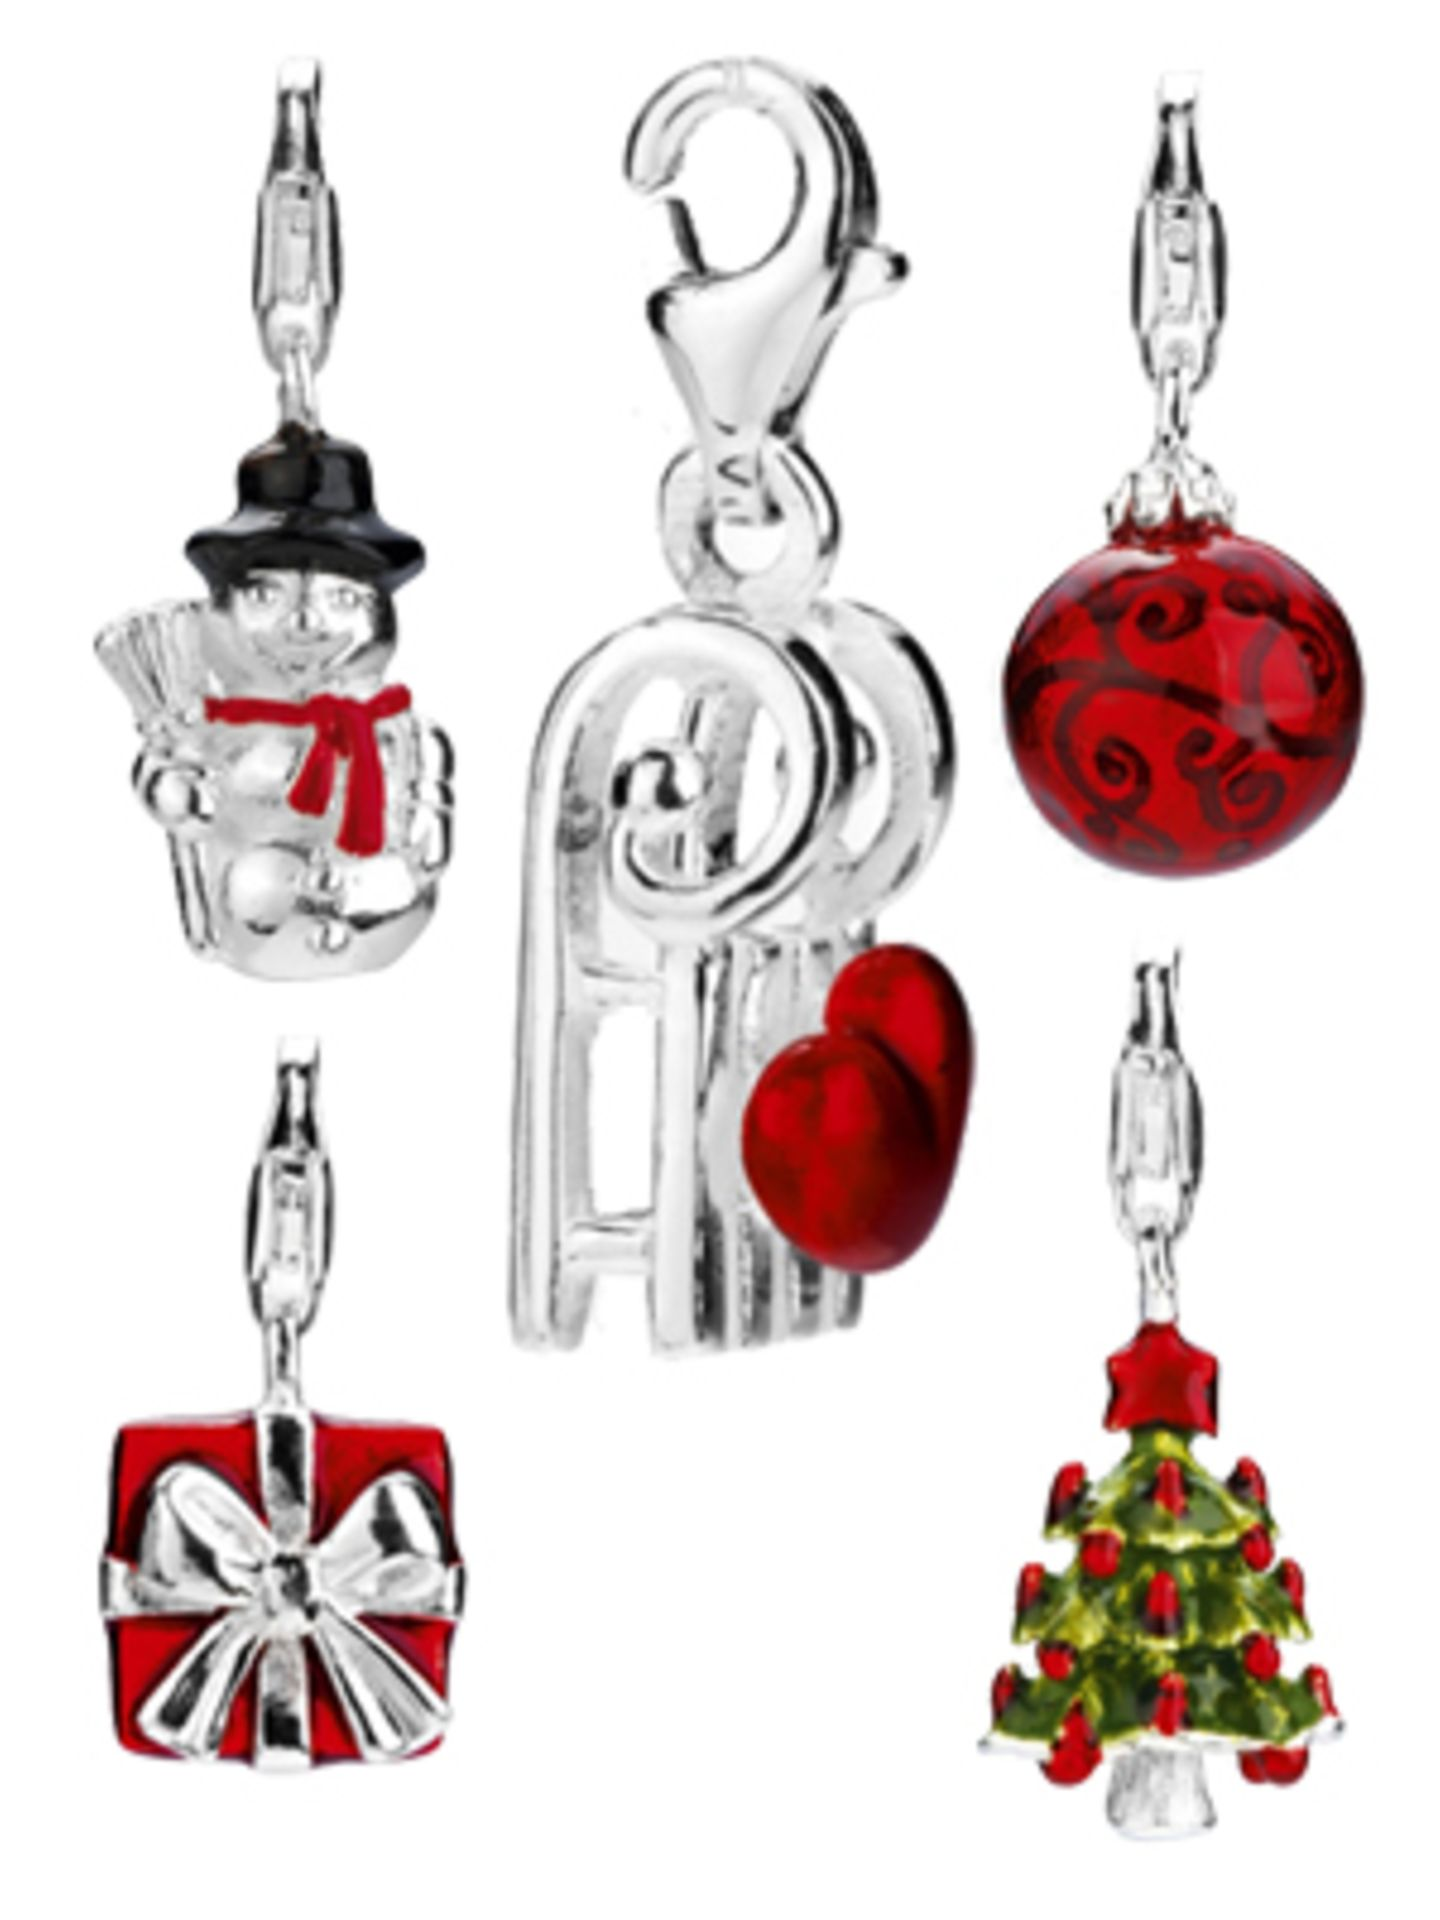 Weihnachtliche Charms von Heartbreaker. Lisa bekommt den Schneemann, Karin den Schlitten und Ulla geben wir die Weihnachtskugel... Ab 33 Euro.